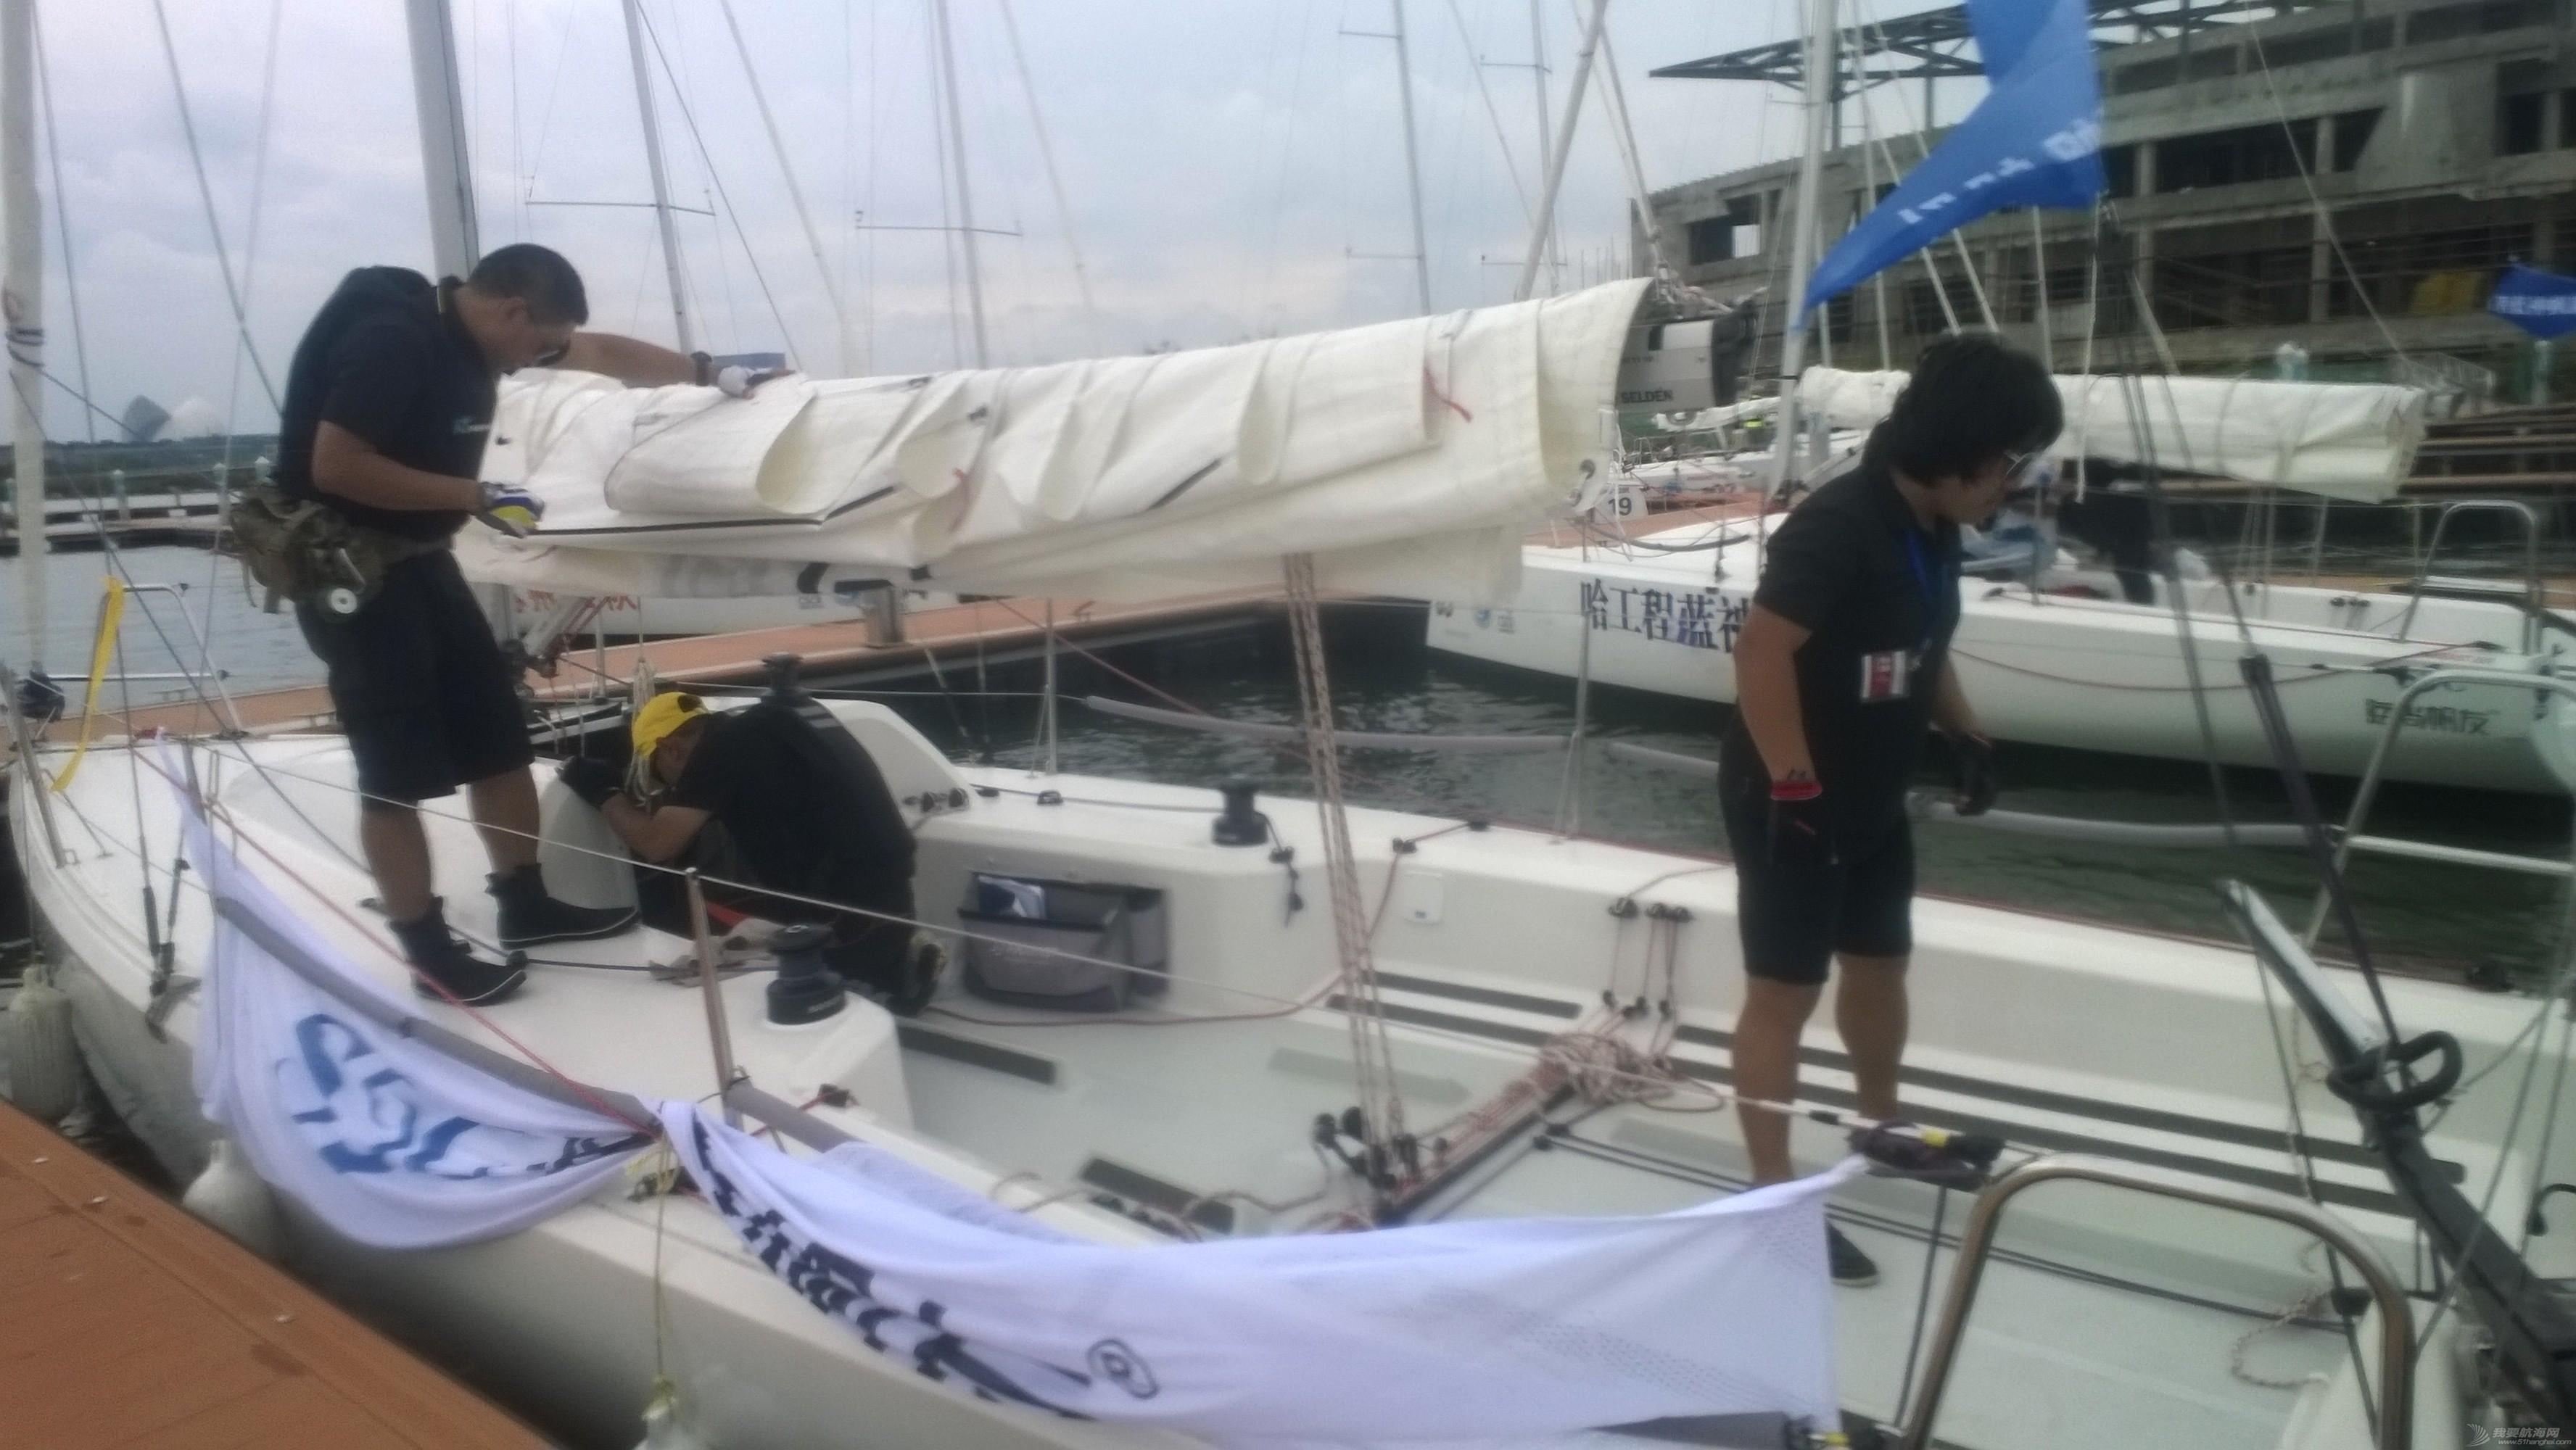 俱乐部,哈工大,吉祥物,代表队,所在地 菜鸟首次比帆赛-记上海临港国际帆船比赛 WP_20150925_038.jpg